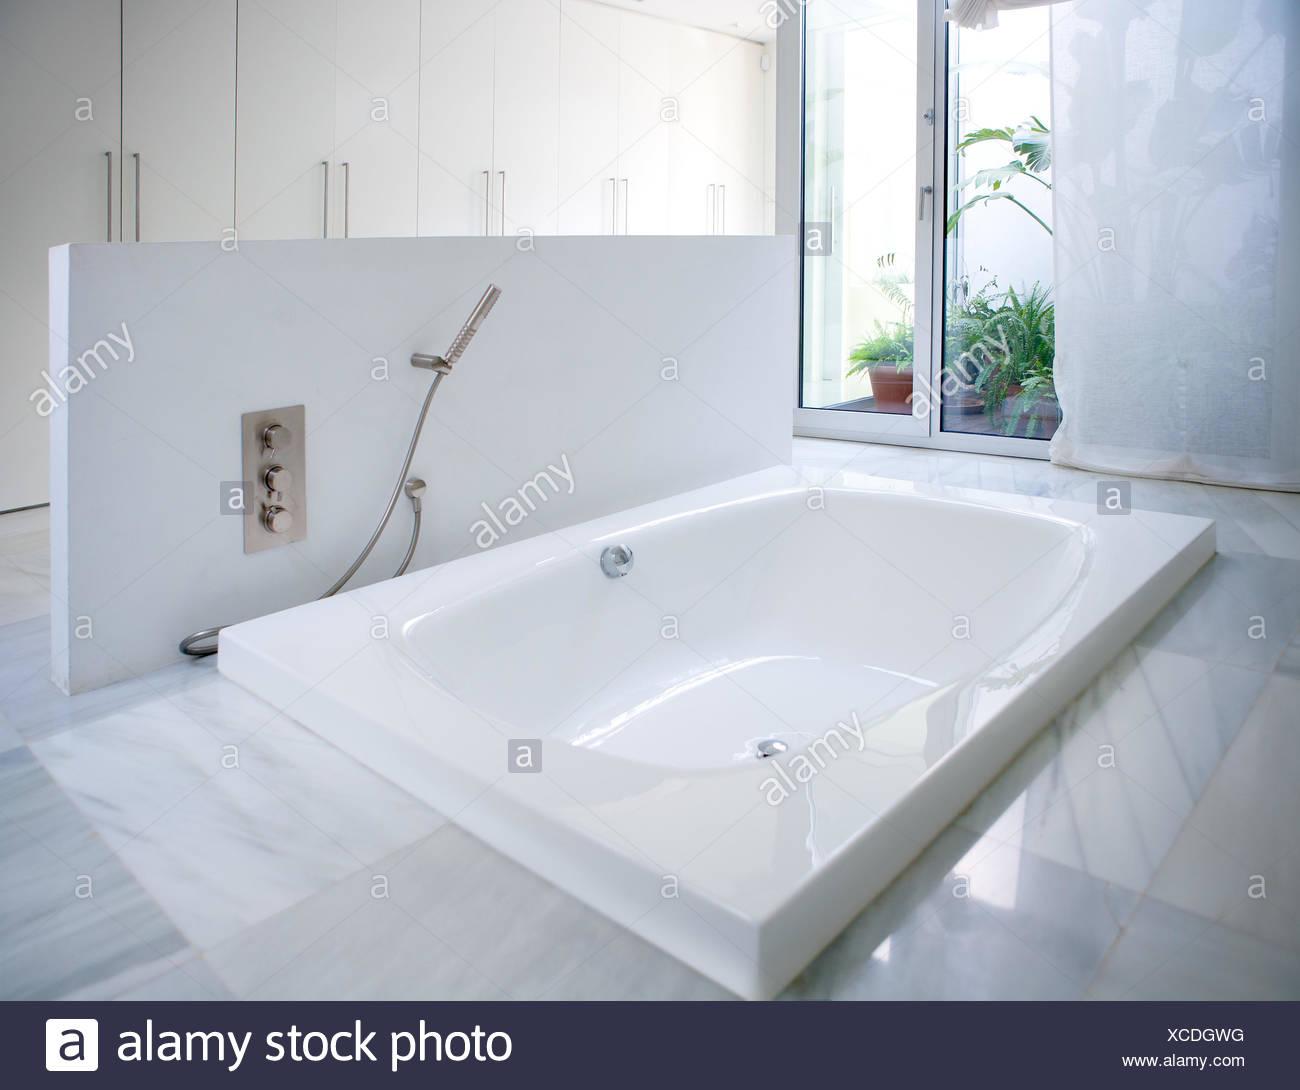 Modernes Weisses Haus Badezimmer Badewanne Mit Marmorboden Und Innenhof Dachfenster Stockfotografie Alamy